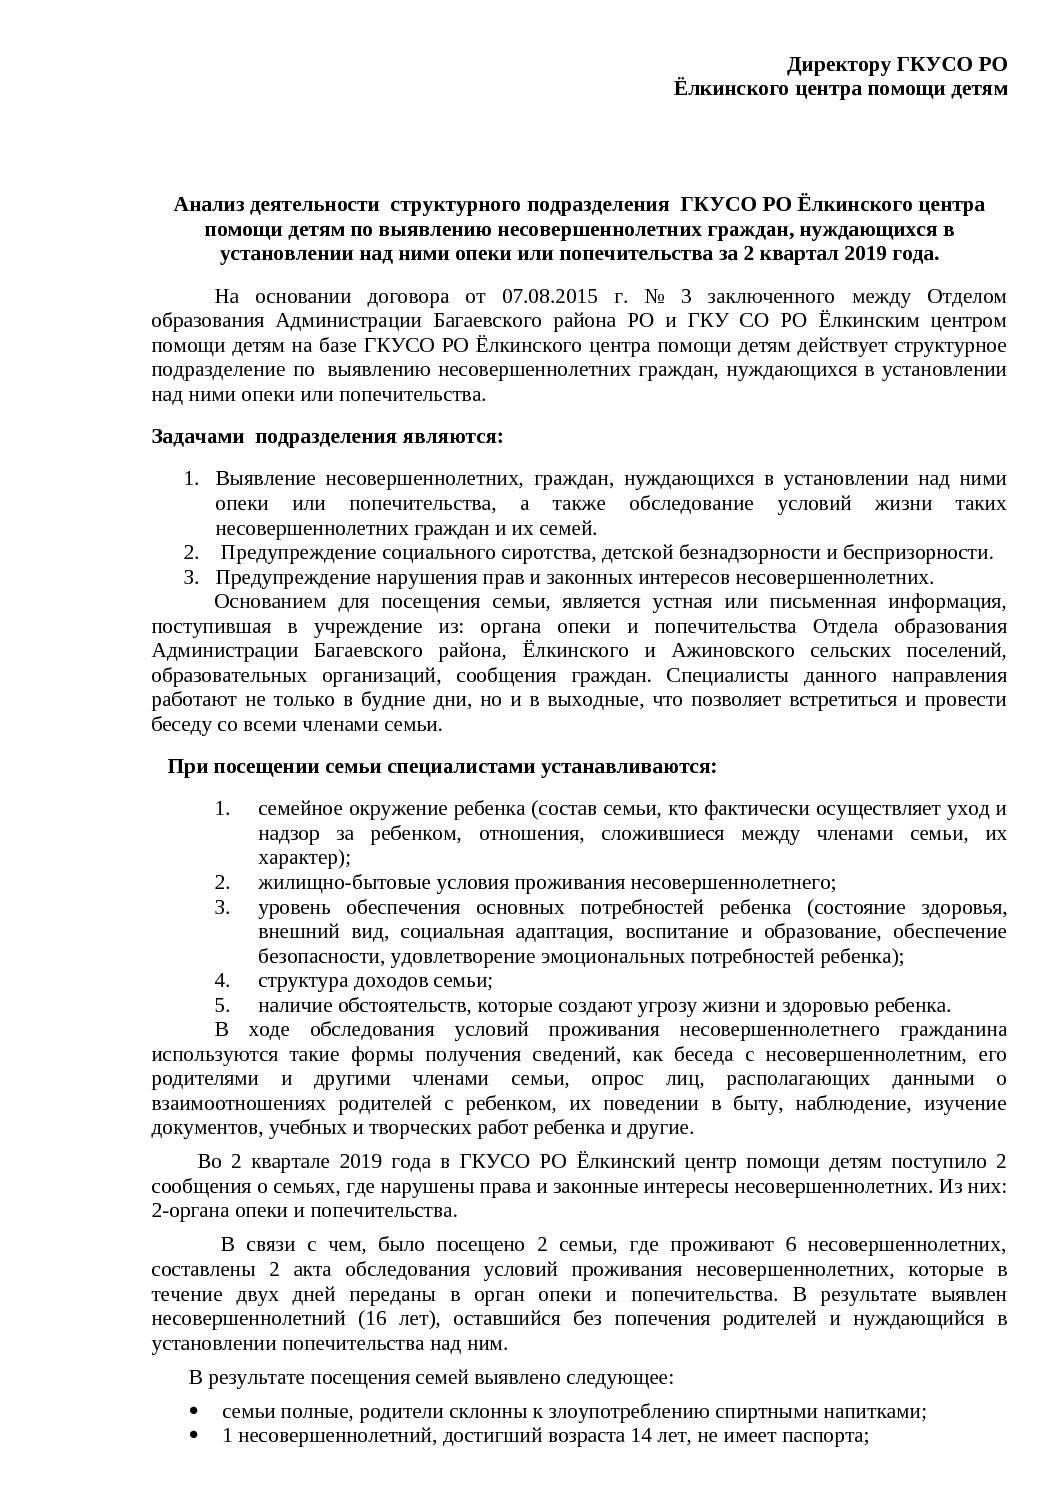 Анализ деятельности структурного подразделения ГКУСО РО Ёлкинского центра помощи детям